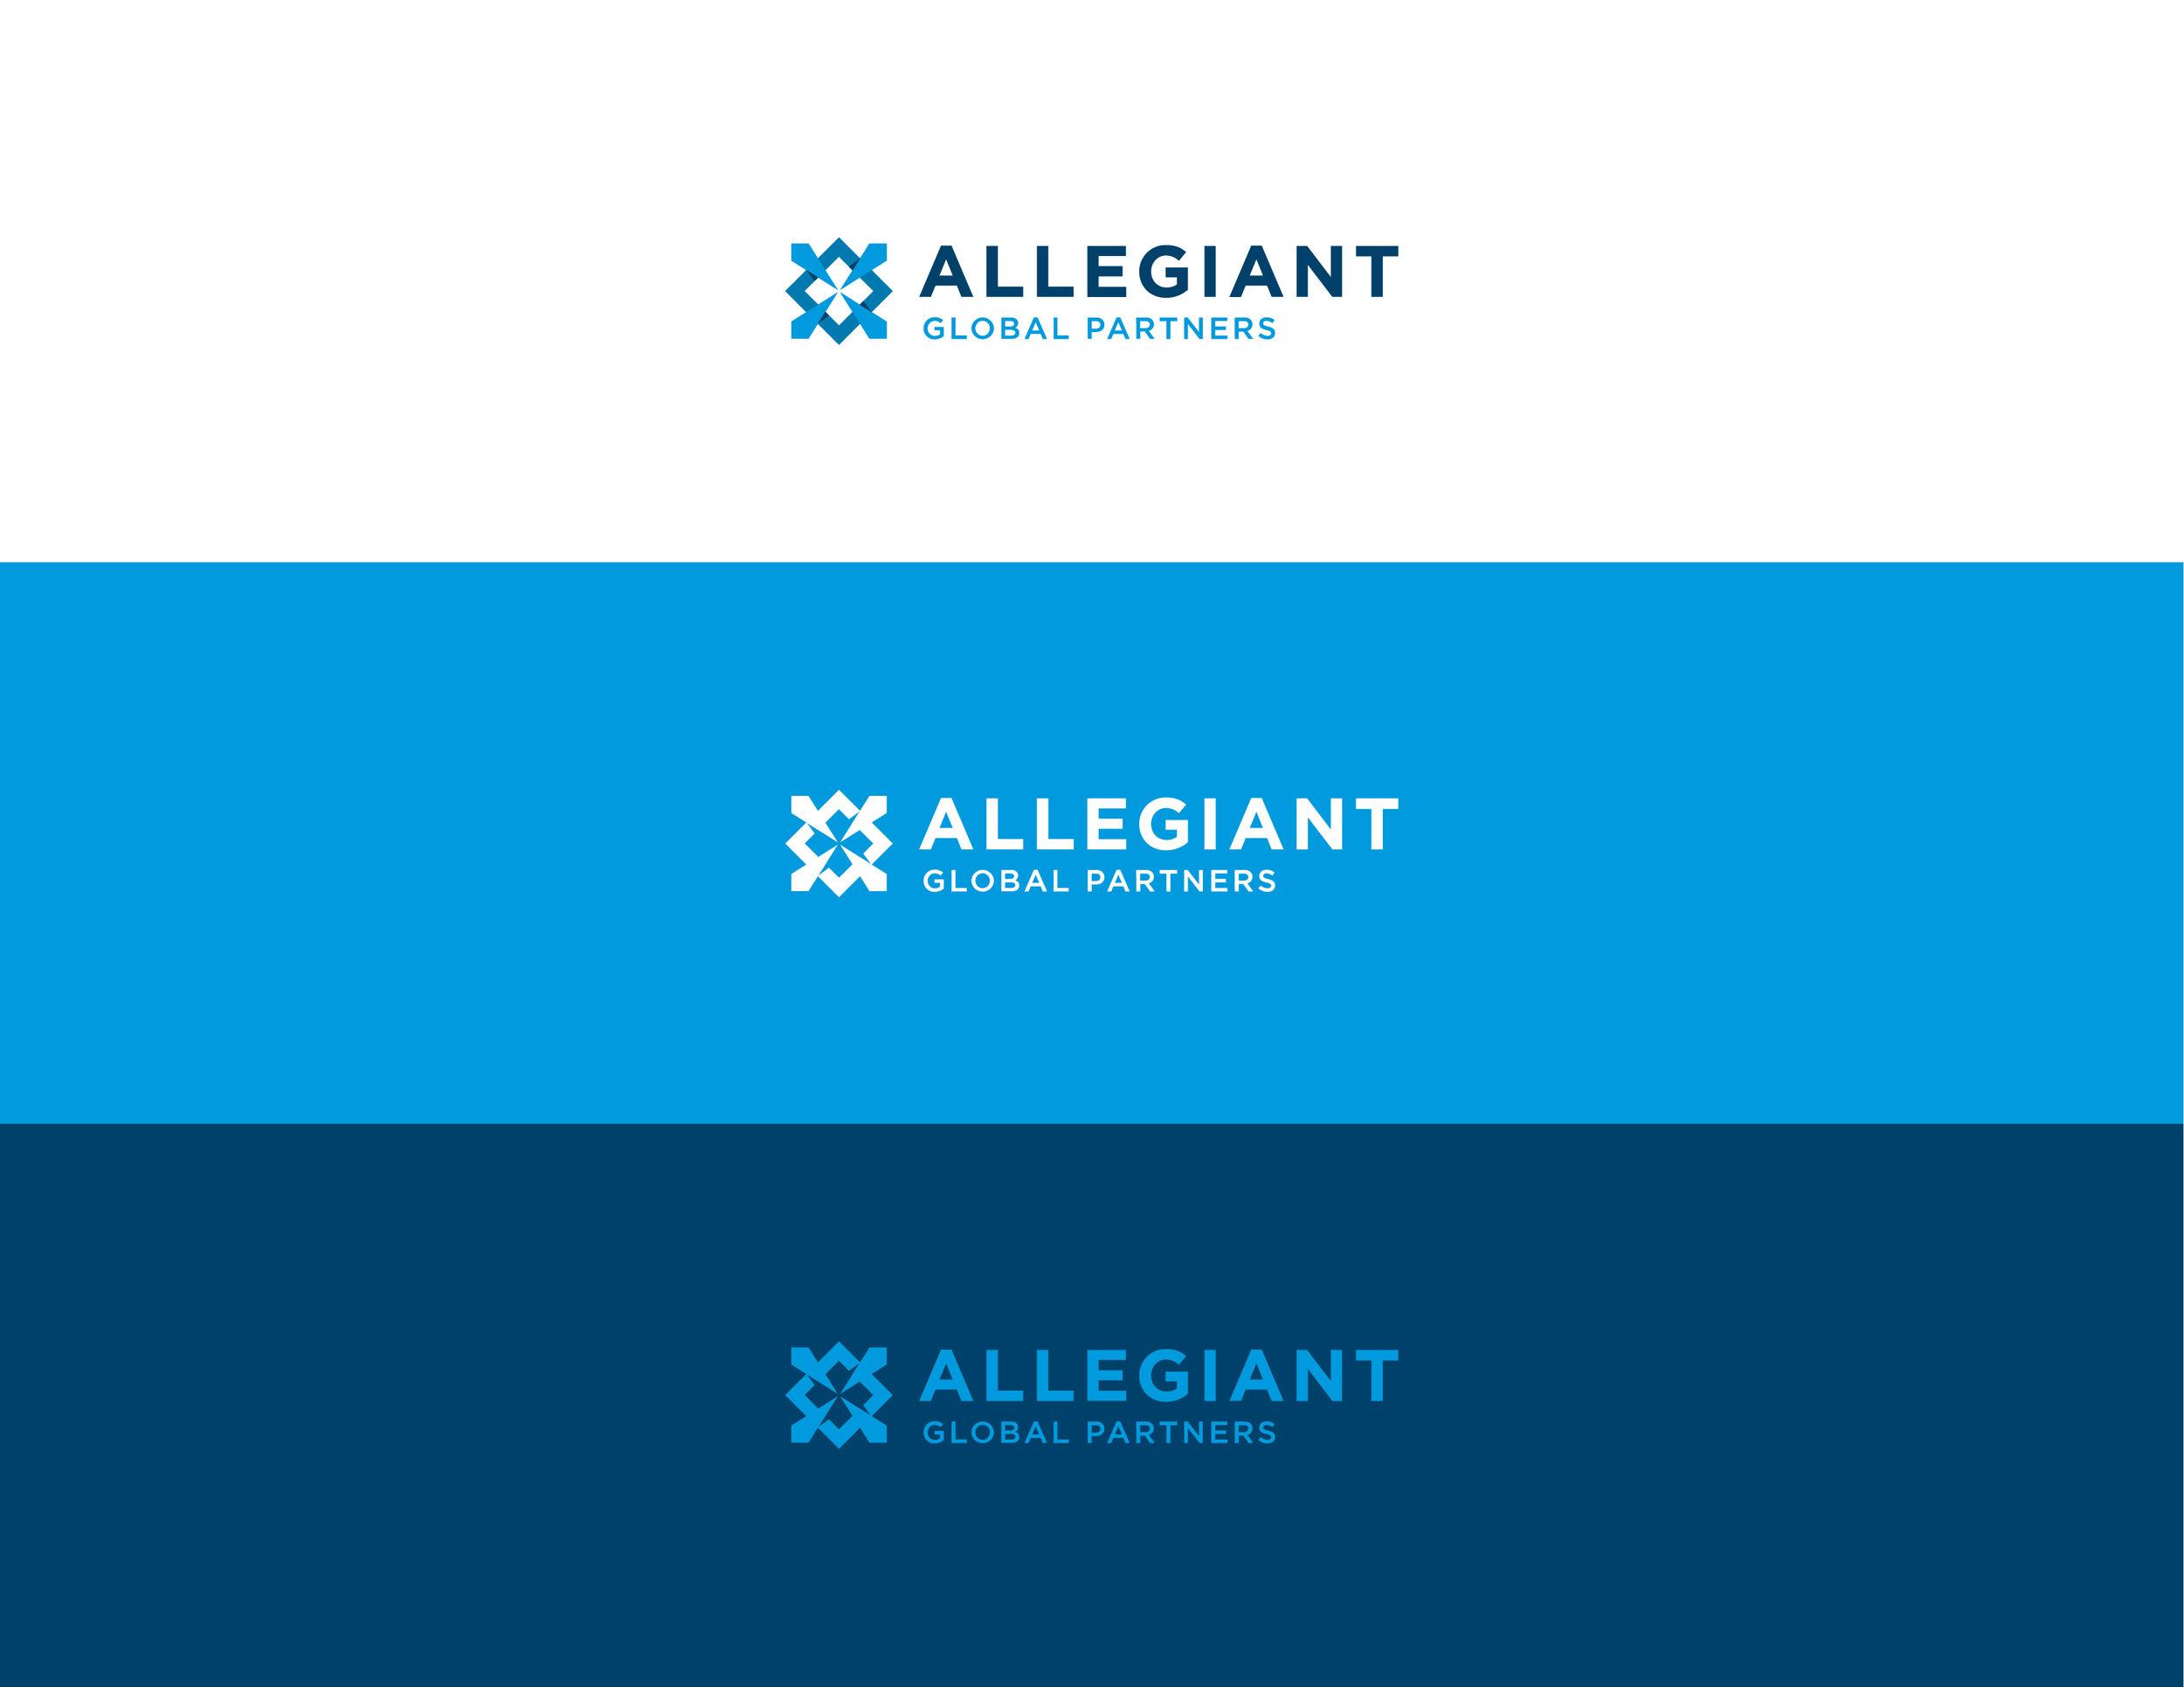 Allegiant-Style Guide-17.jpg